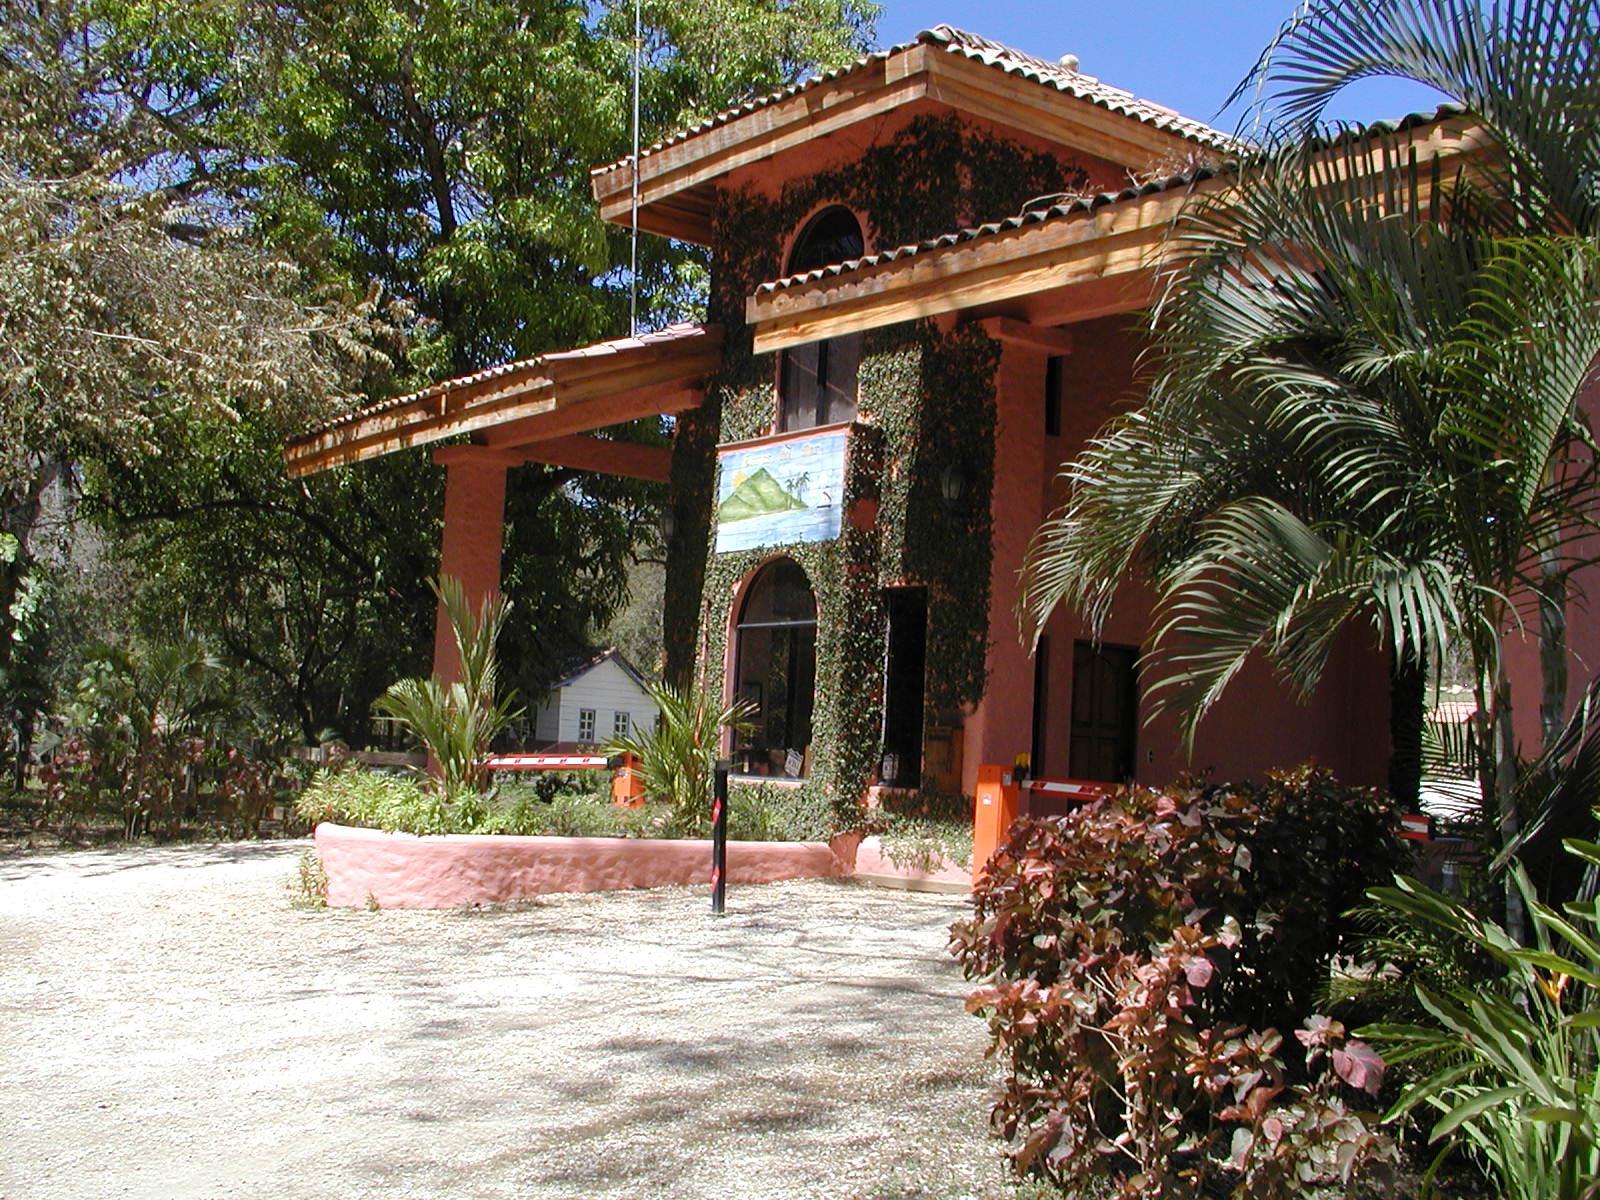 Entrance to Lomas del Mar Eco-Development, Costa Rica